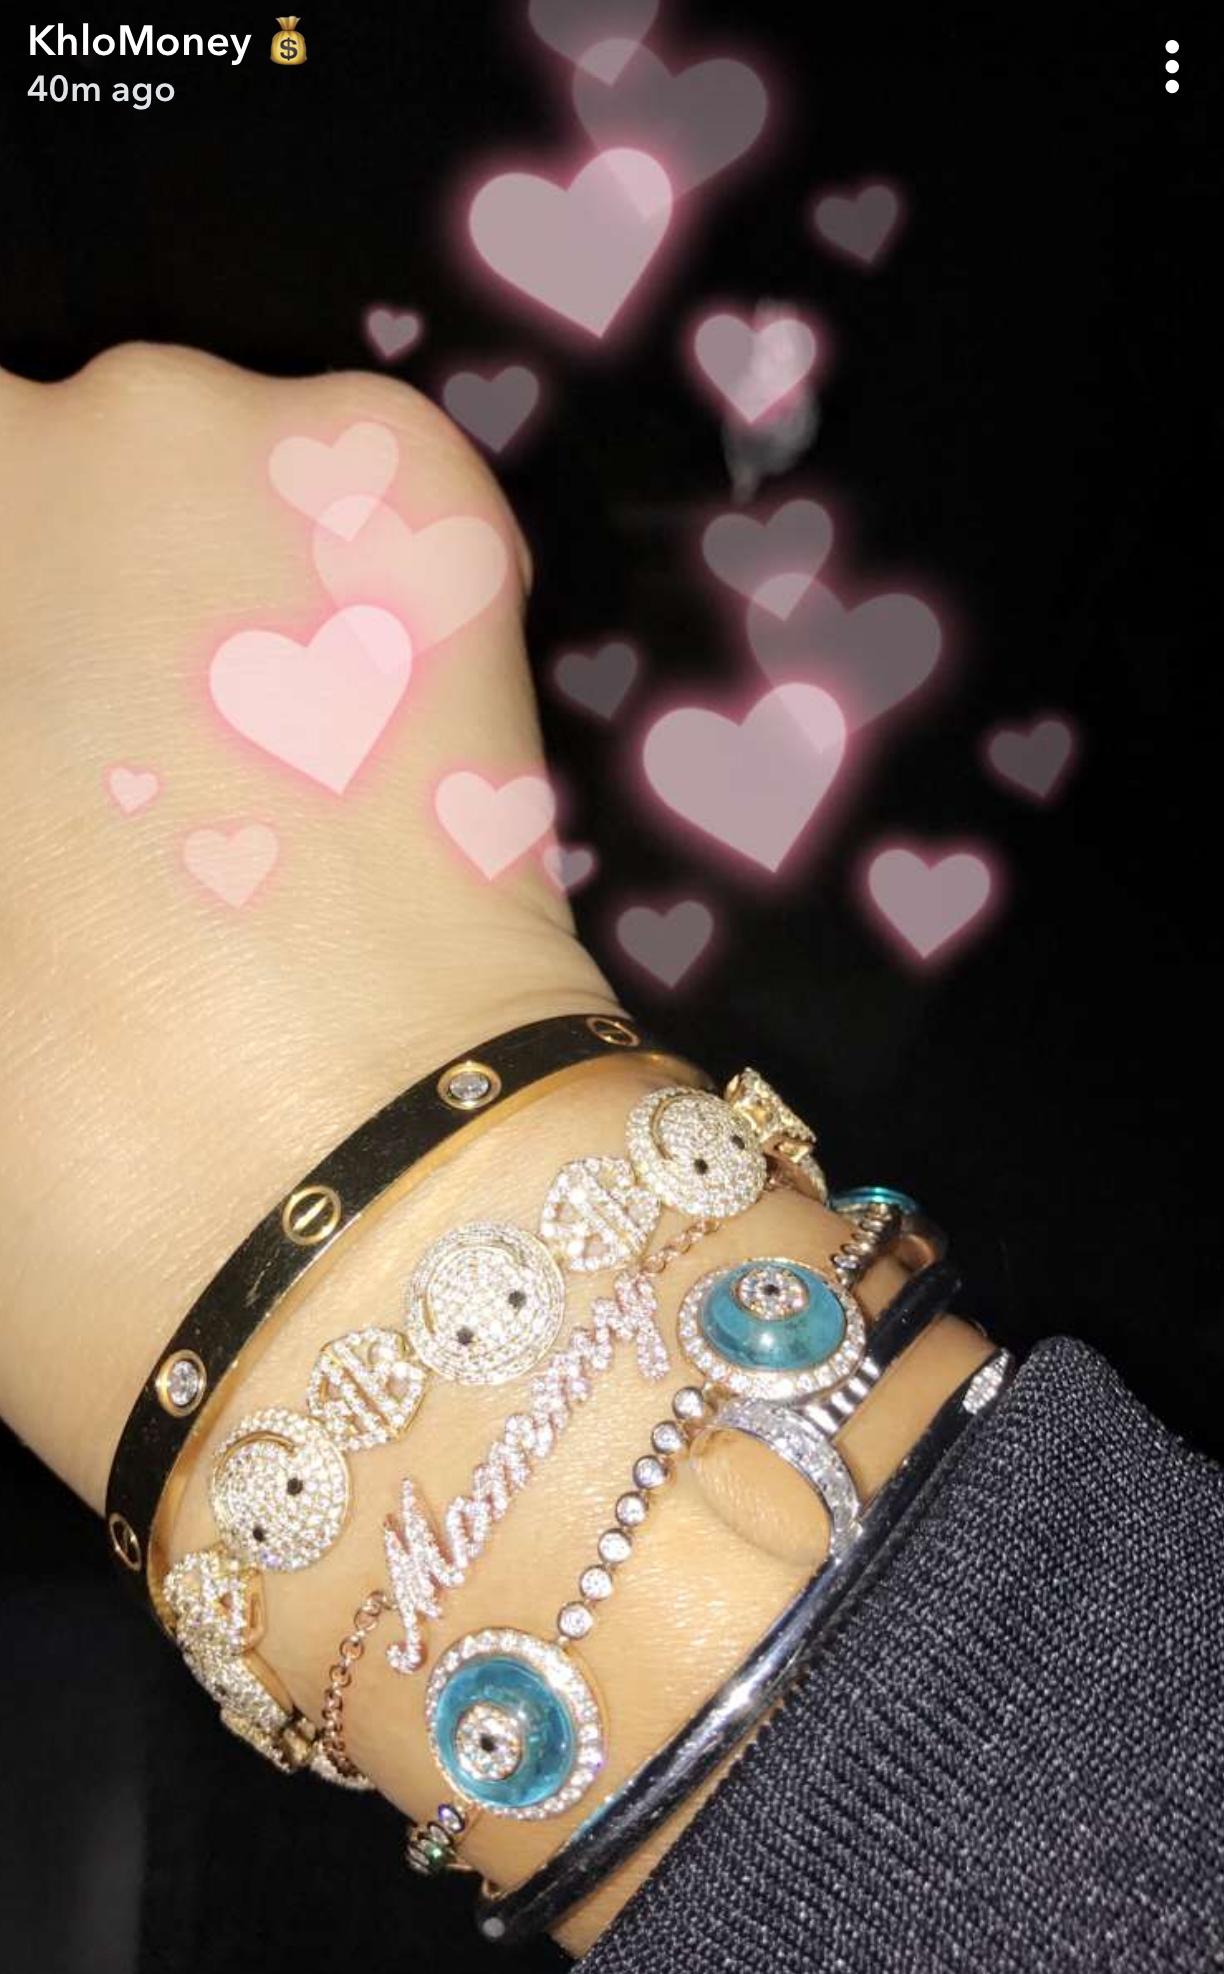 picture-of-khloe-kardashian-mommy-bracelet-photo.jpg